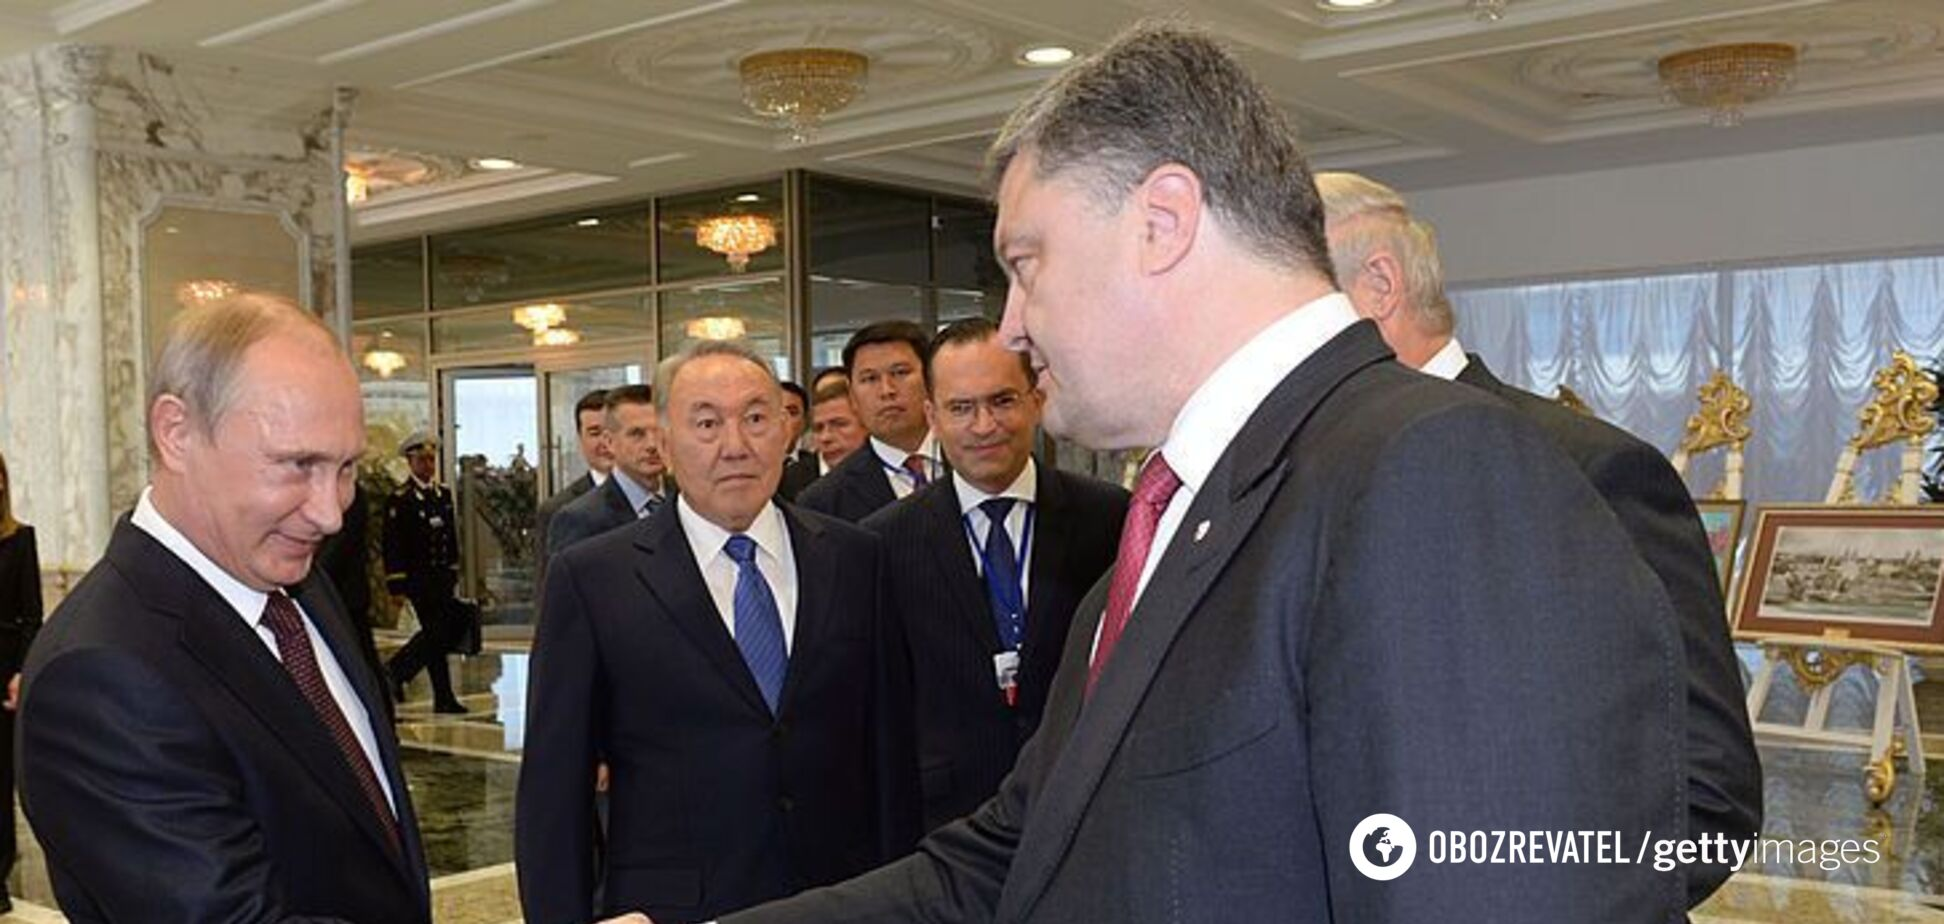 'Чим я можу тобі допомогти?' Розсекречені переговори Порошенка і Путіна щодо Донбасу